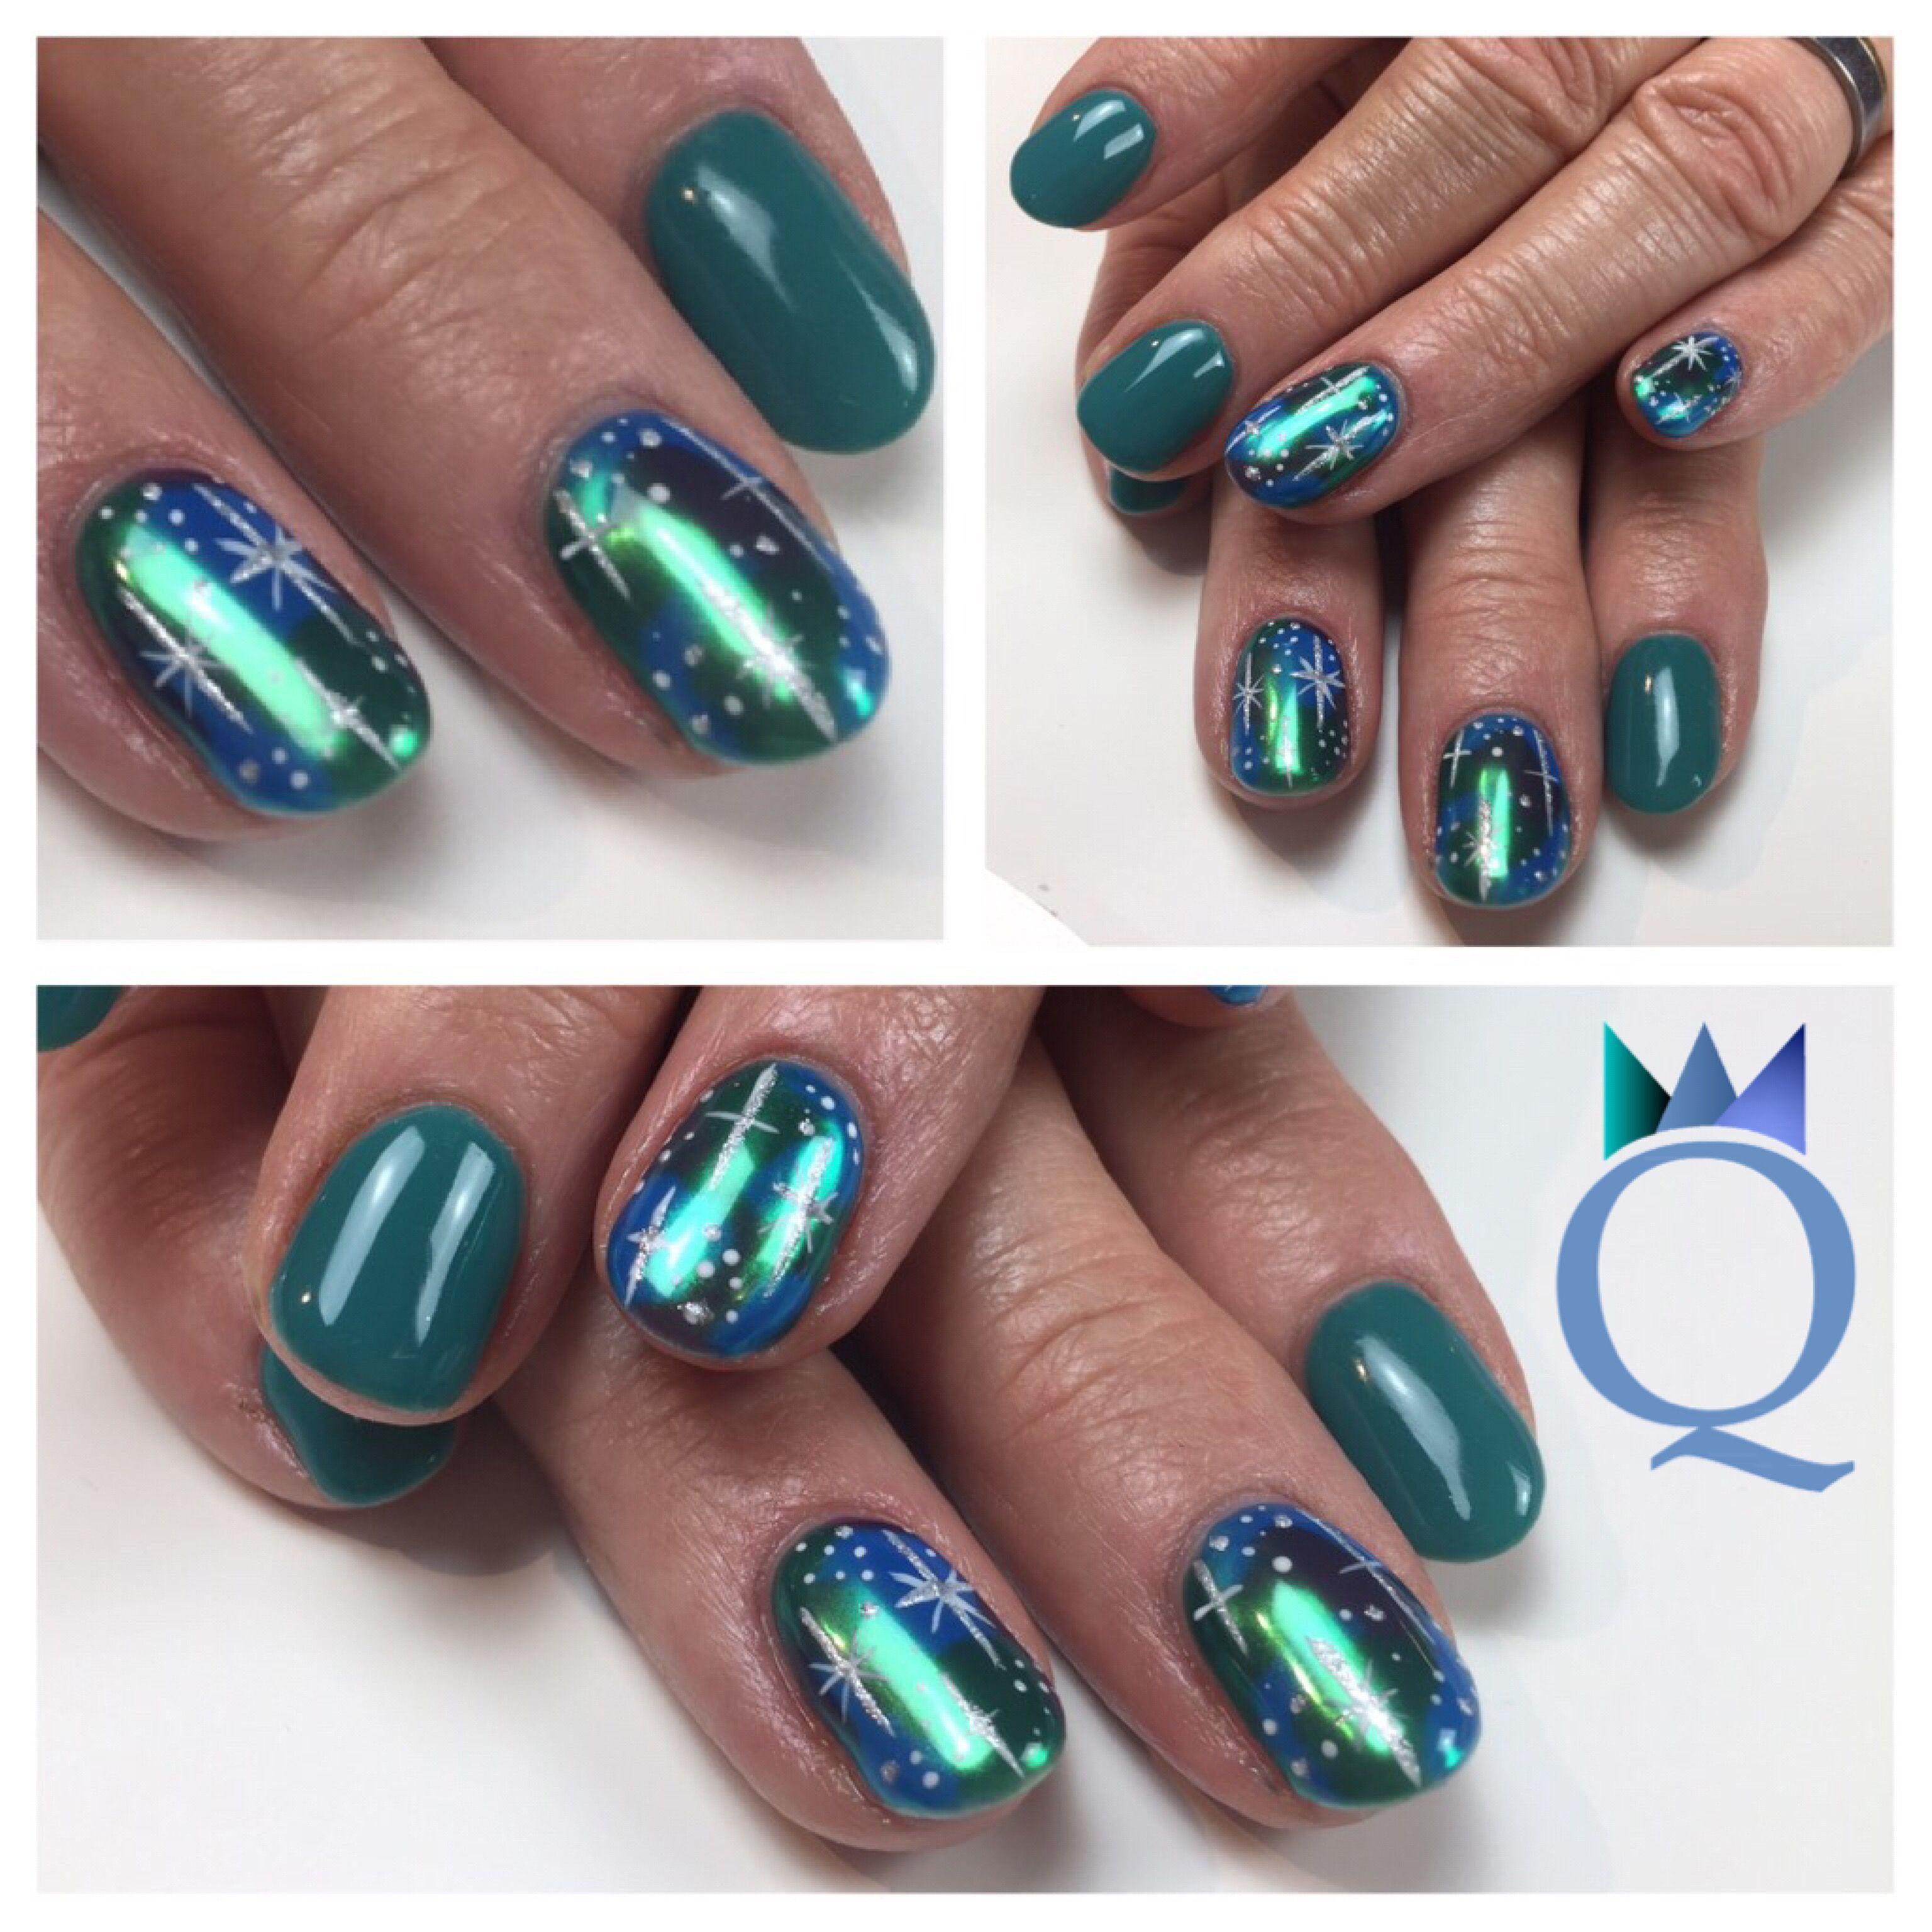 shortnails #gelnails #nails #handpainted #galaxynails #turquoise ...